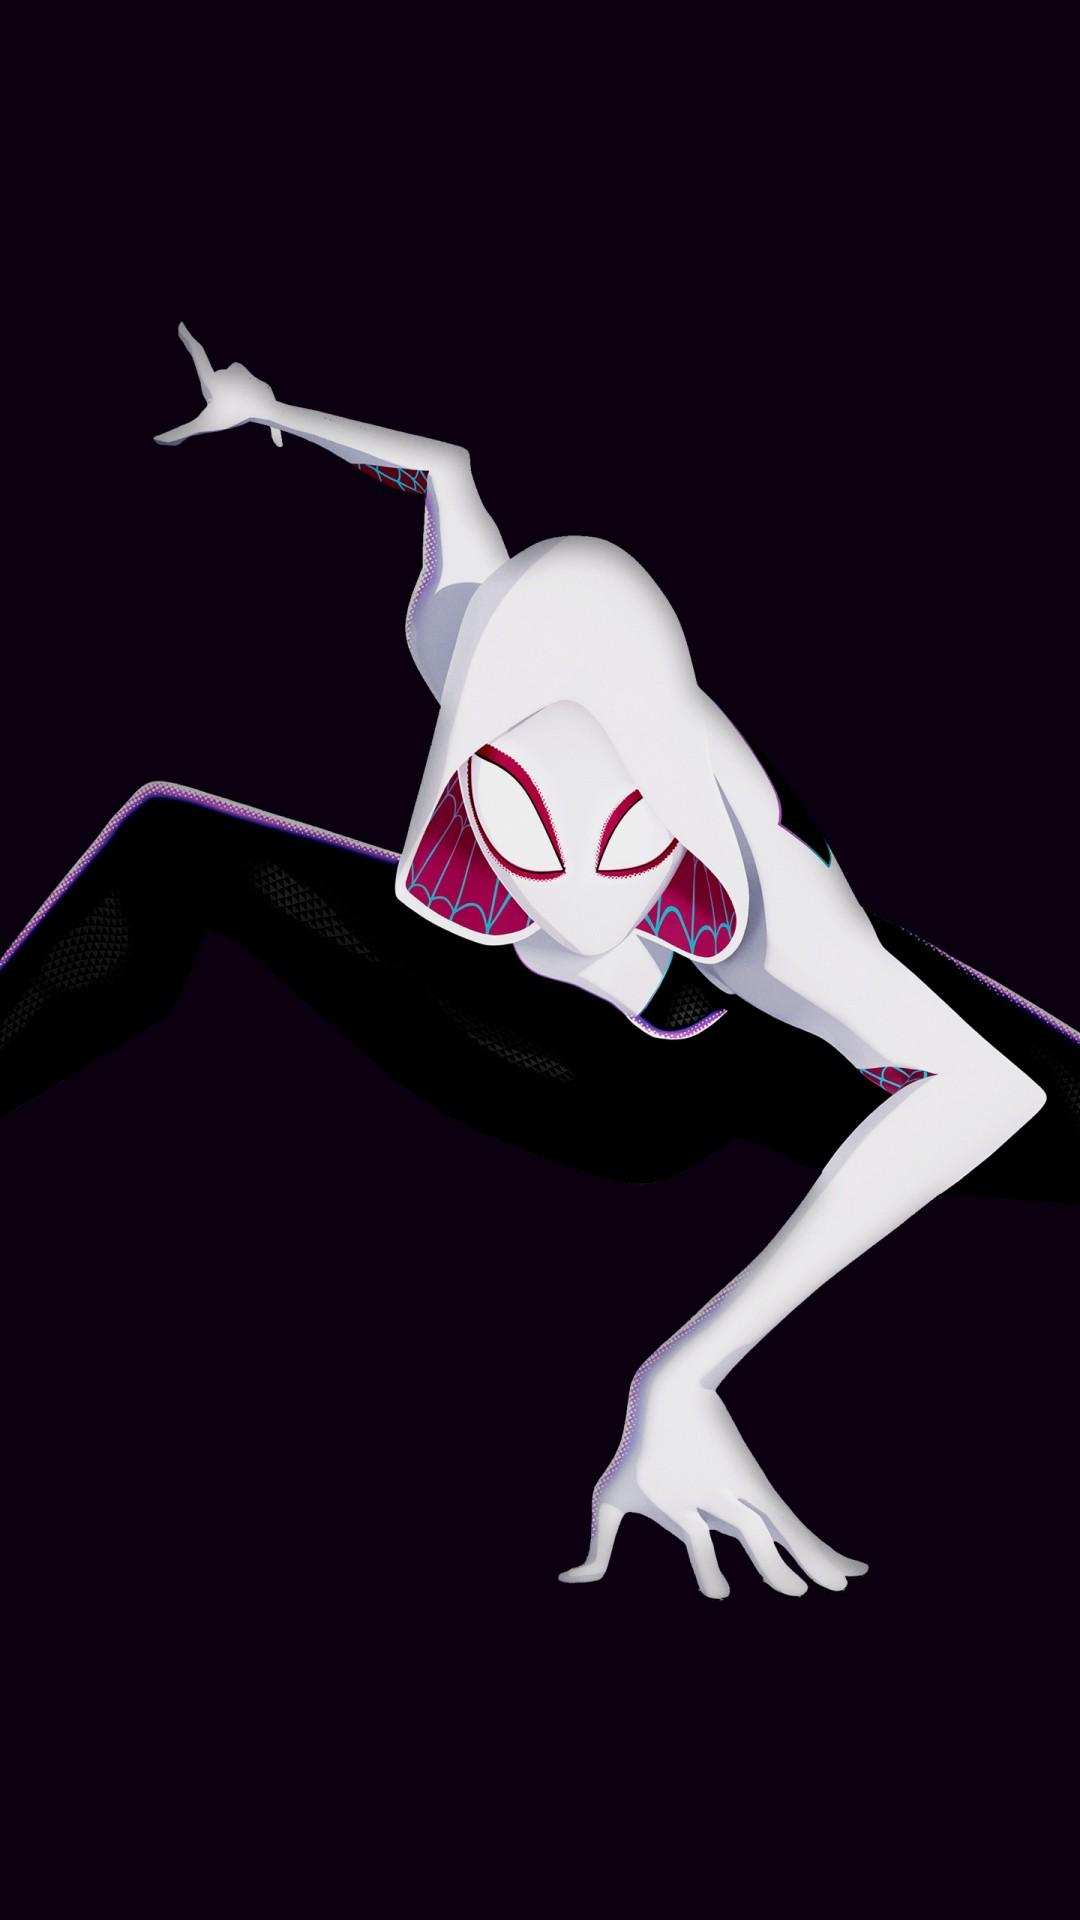 Spider Gwen Iphone Wallpaper Spider Gwen In Spider Man Into The Spider Verse 4k 5k